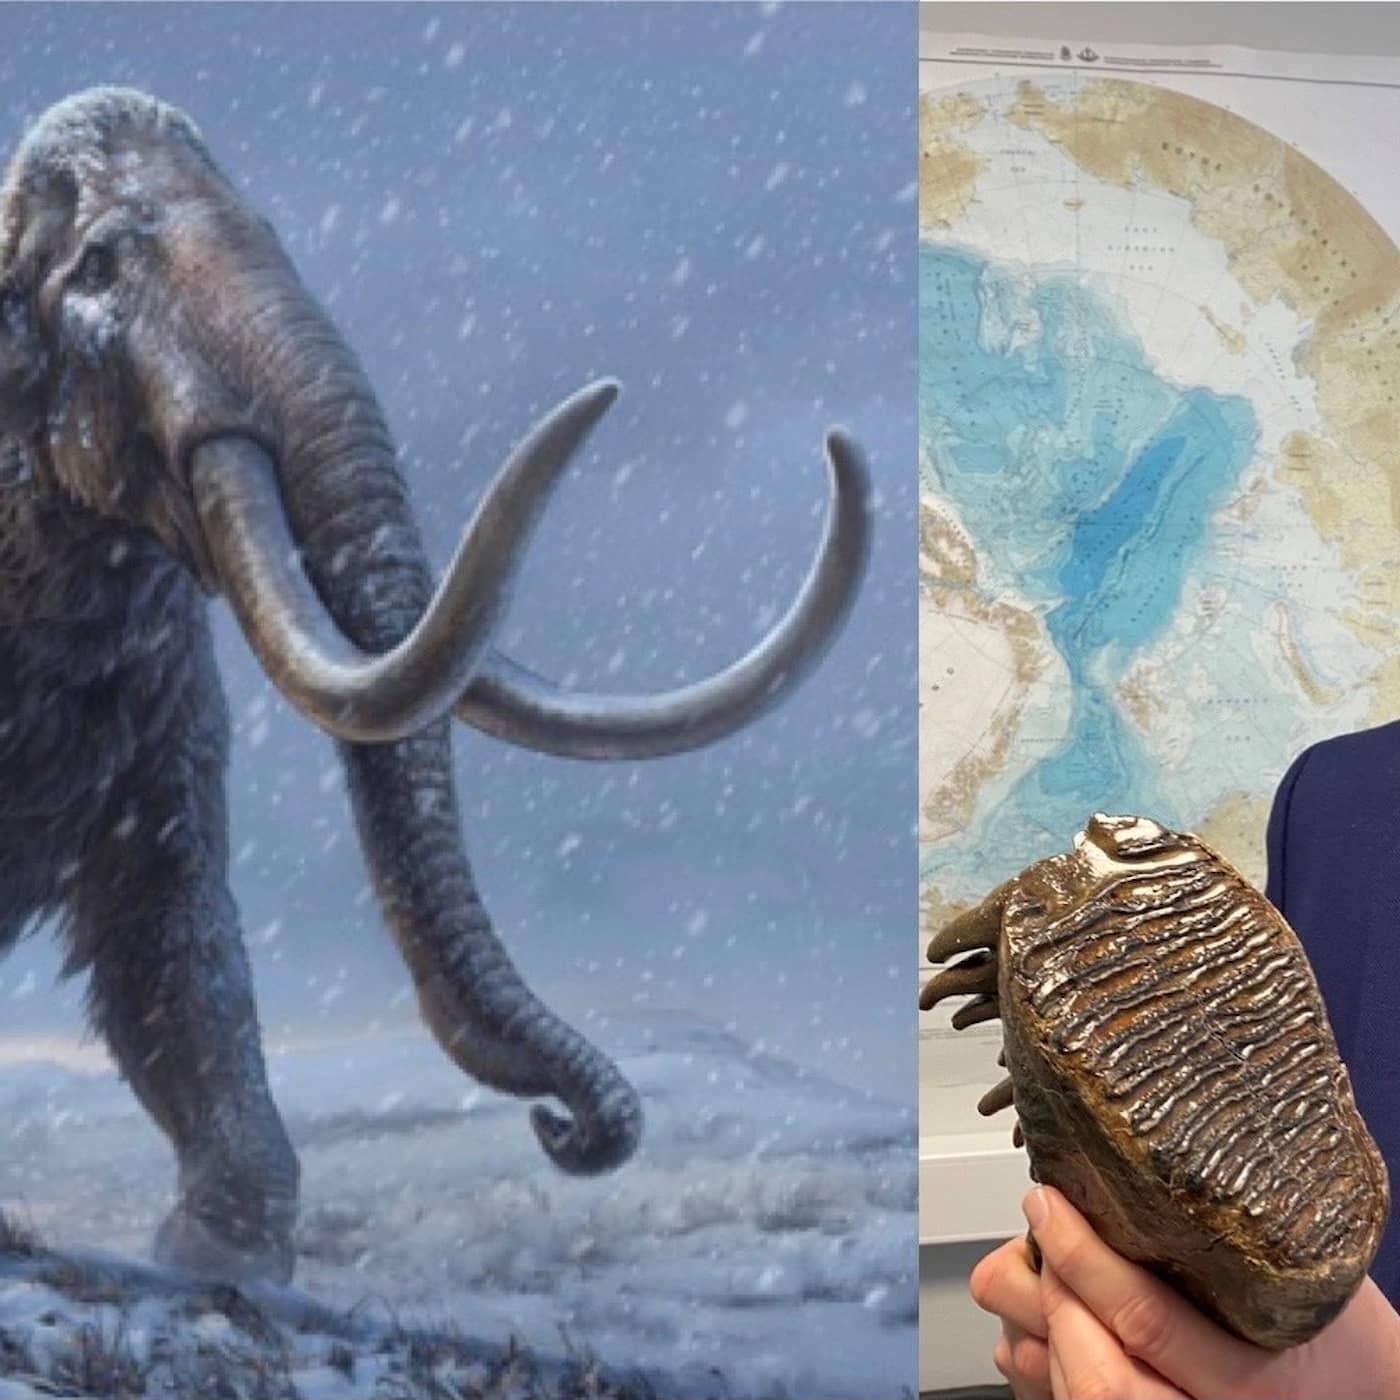 Så kan rekordgammalt mammut-dna hjälpa hotade djur idag